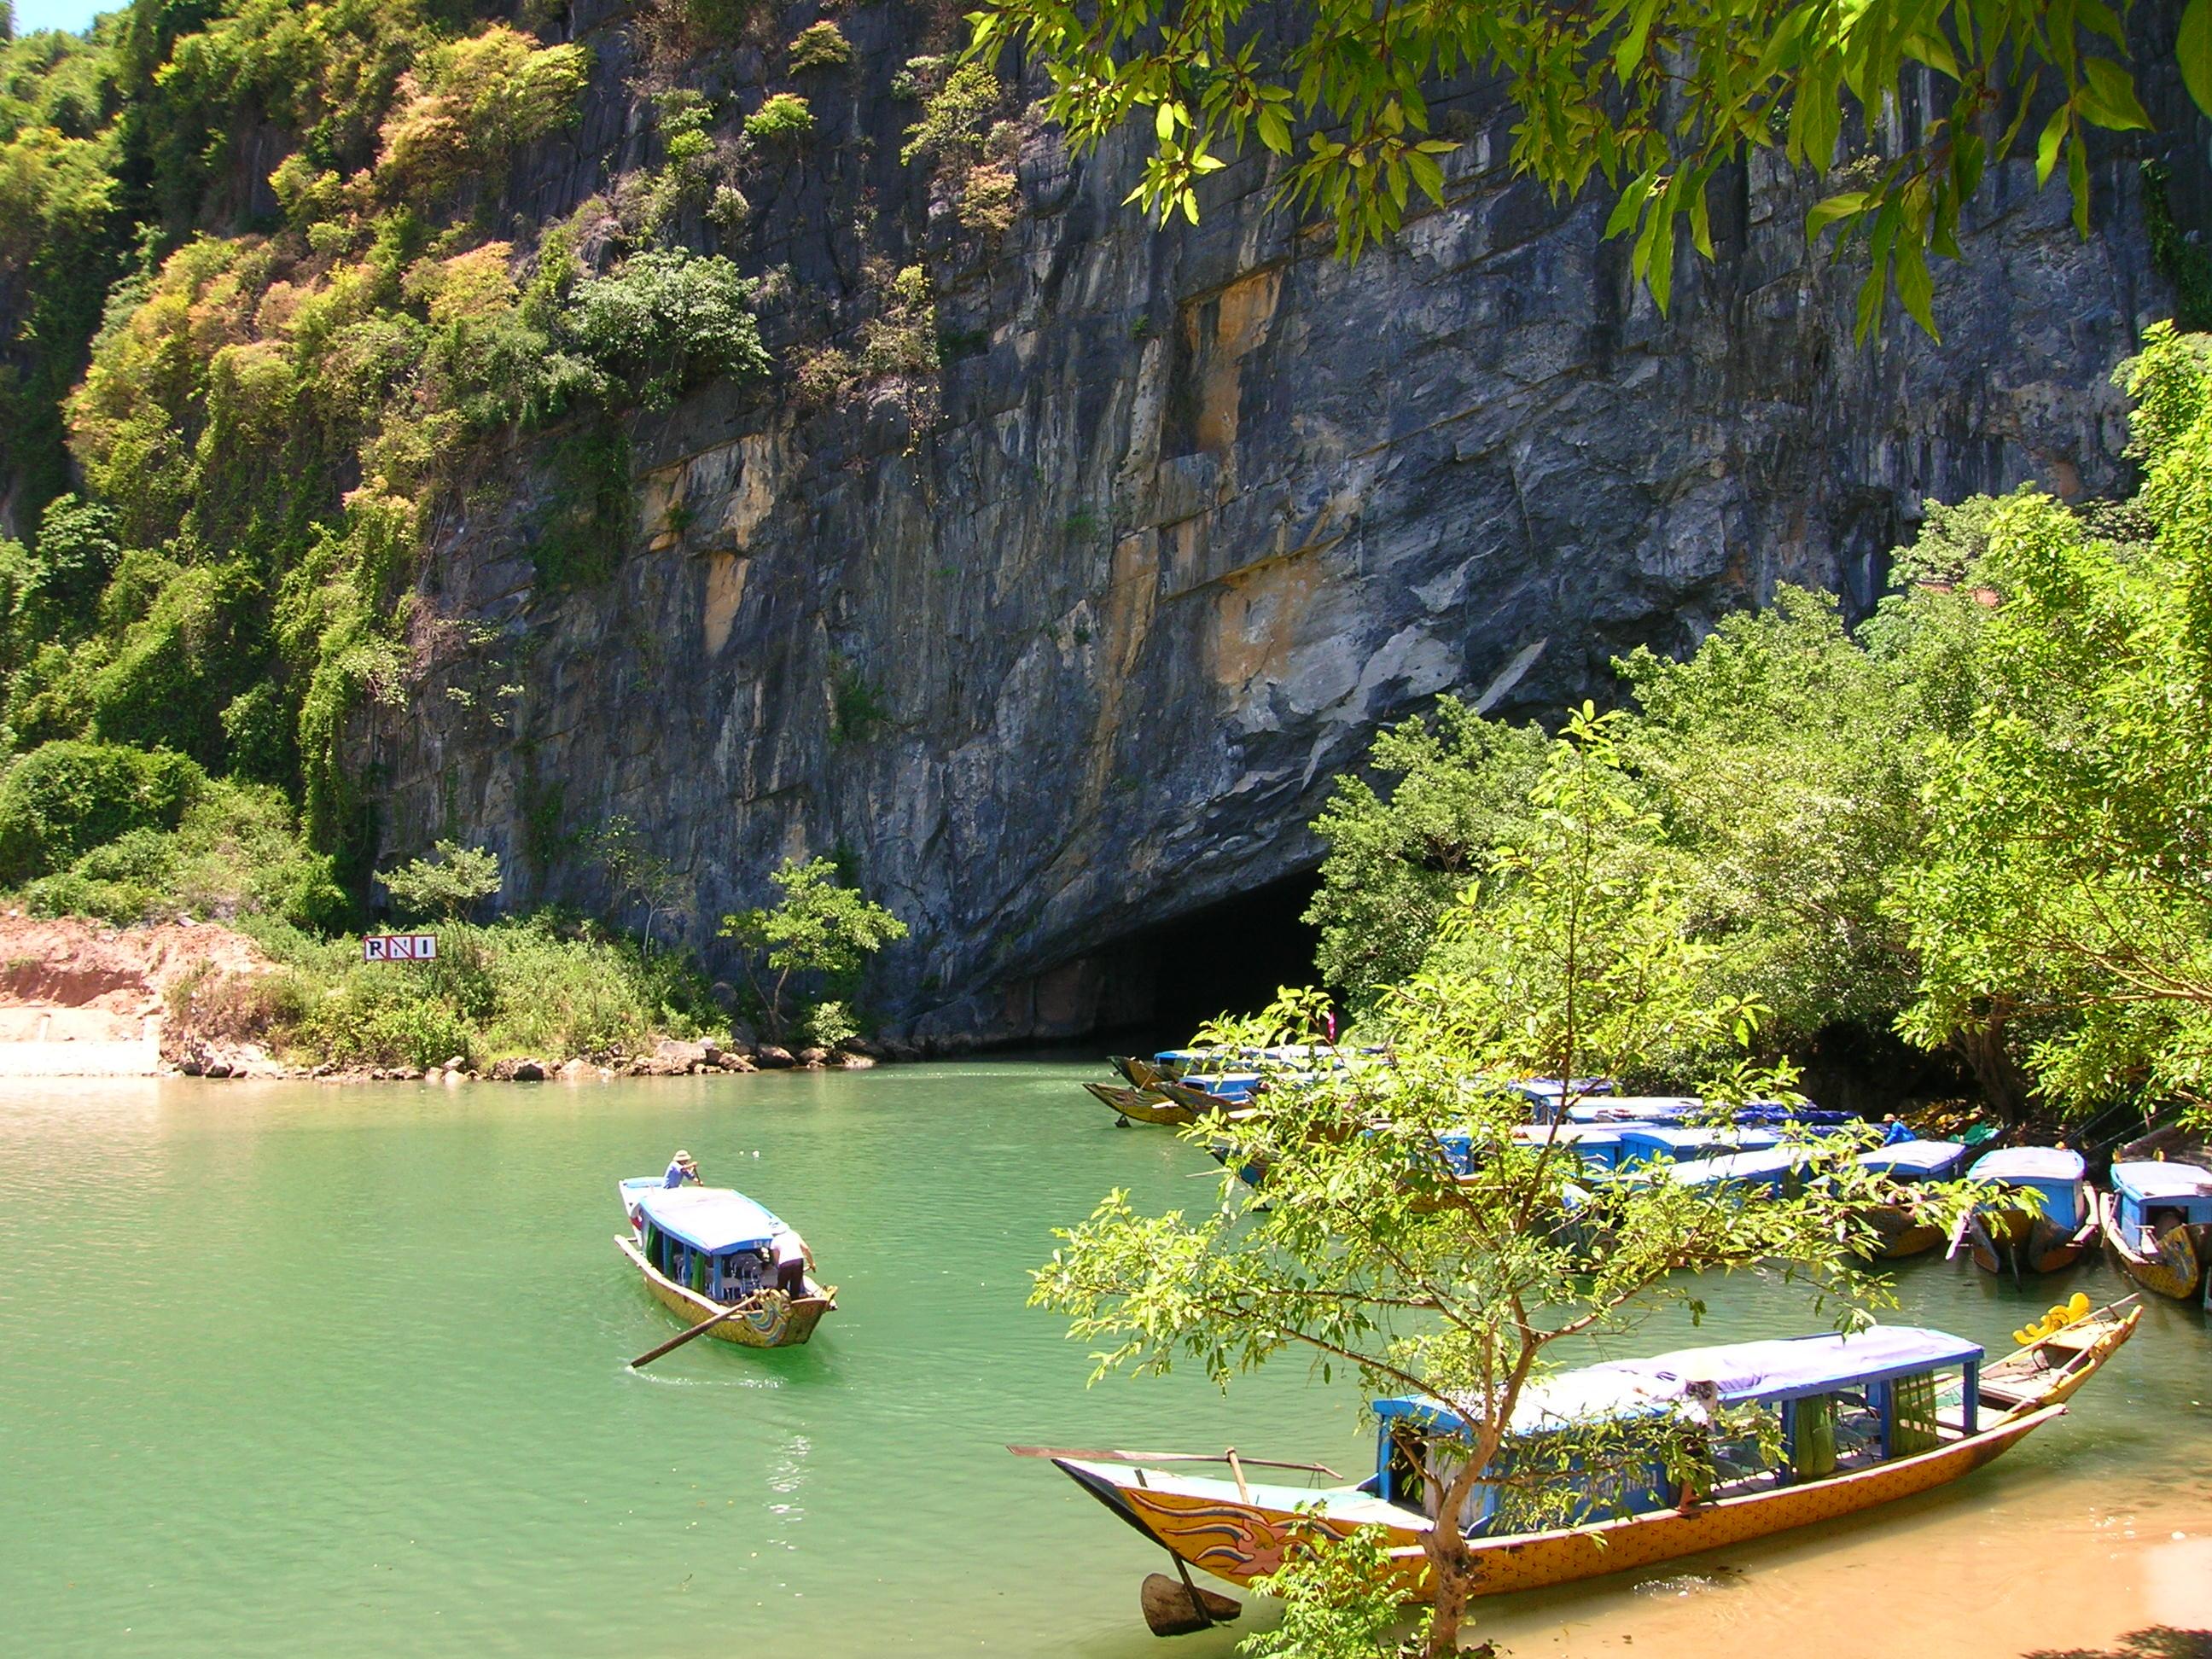 Đừng du lịch Quảng Bình vào tháng 9, 10, 11 vì thời tiết lúc này mưa lớn